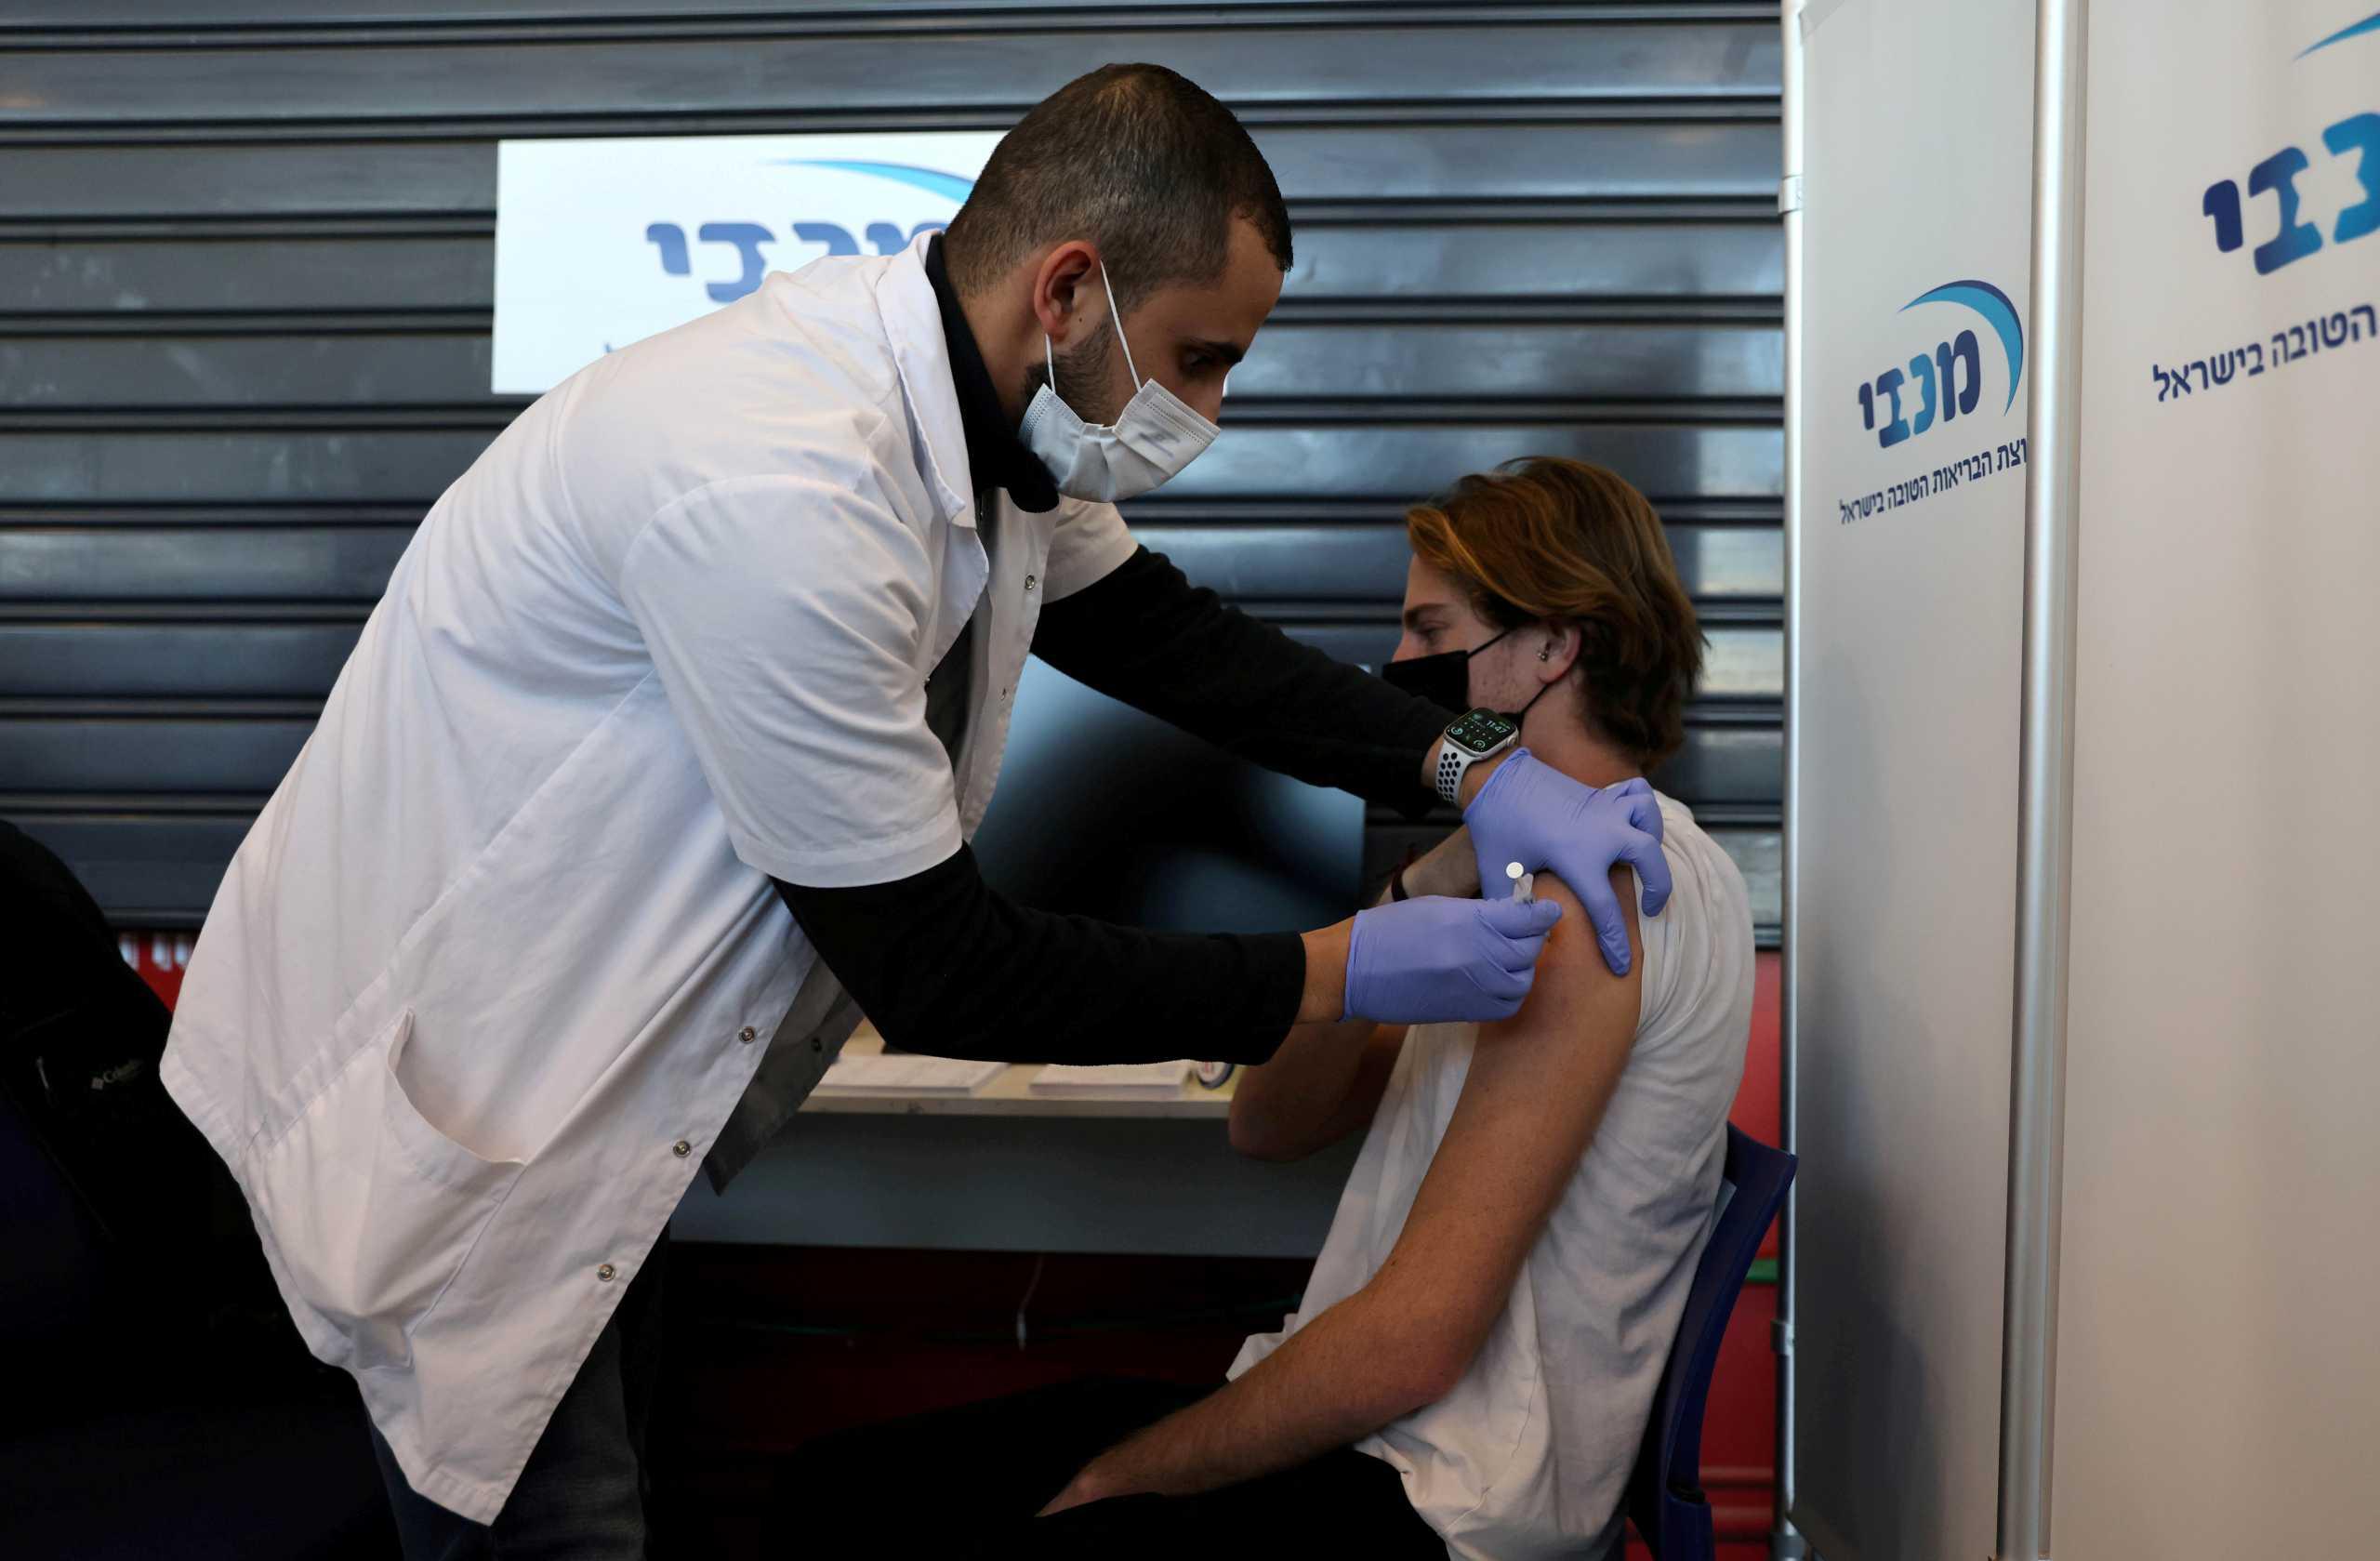 Κορονοϊός: Η Ευρώπη ξεπέρασε τις ΗΠΑ στους εμβολιασμούς